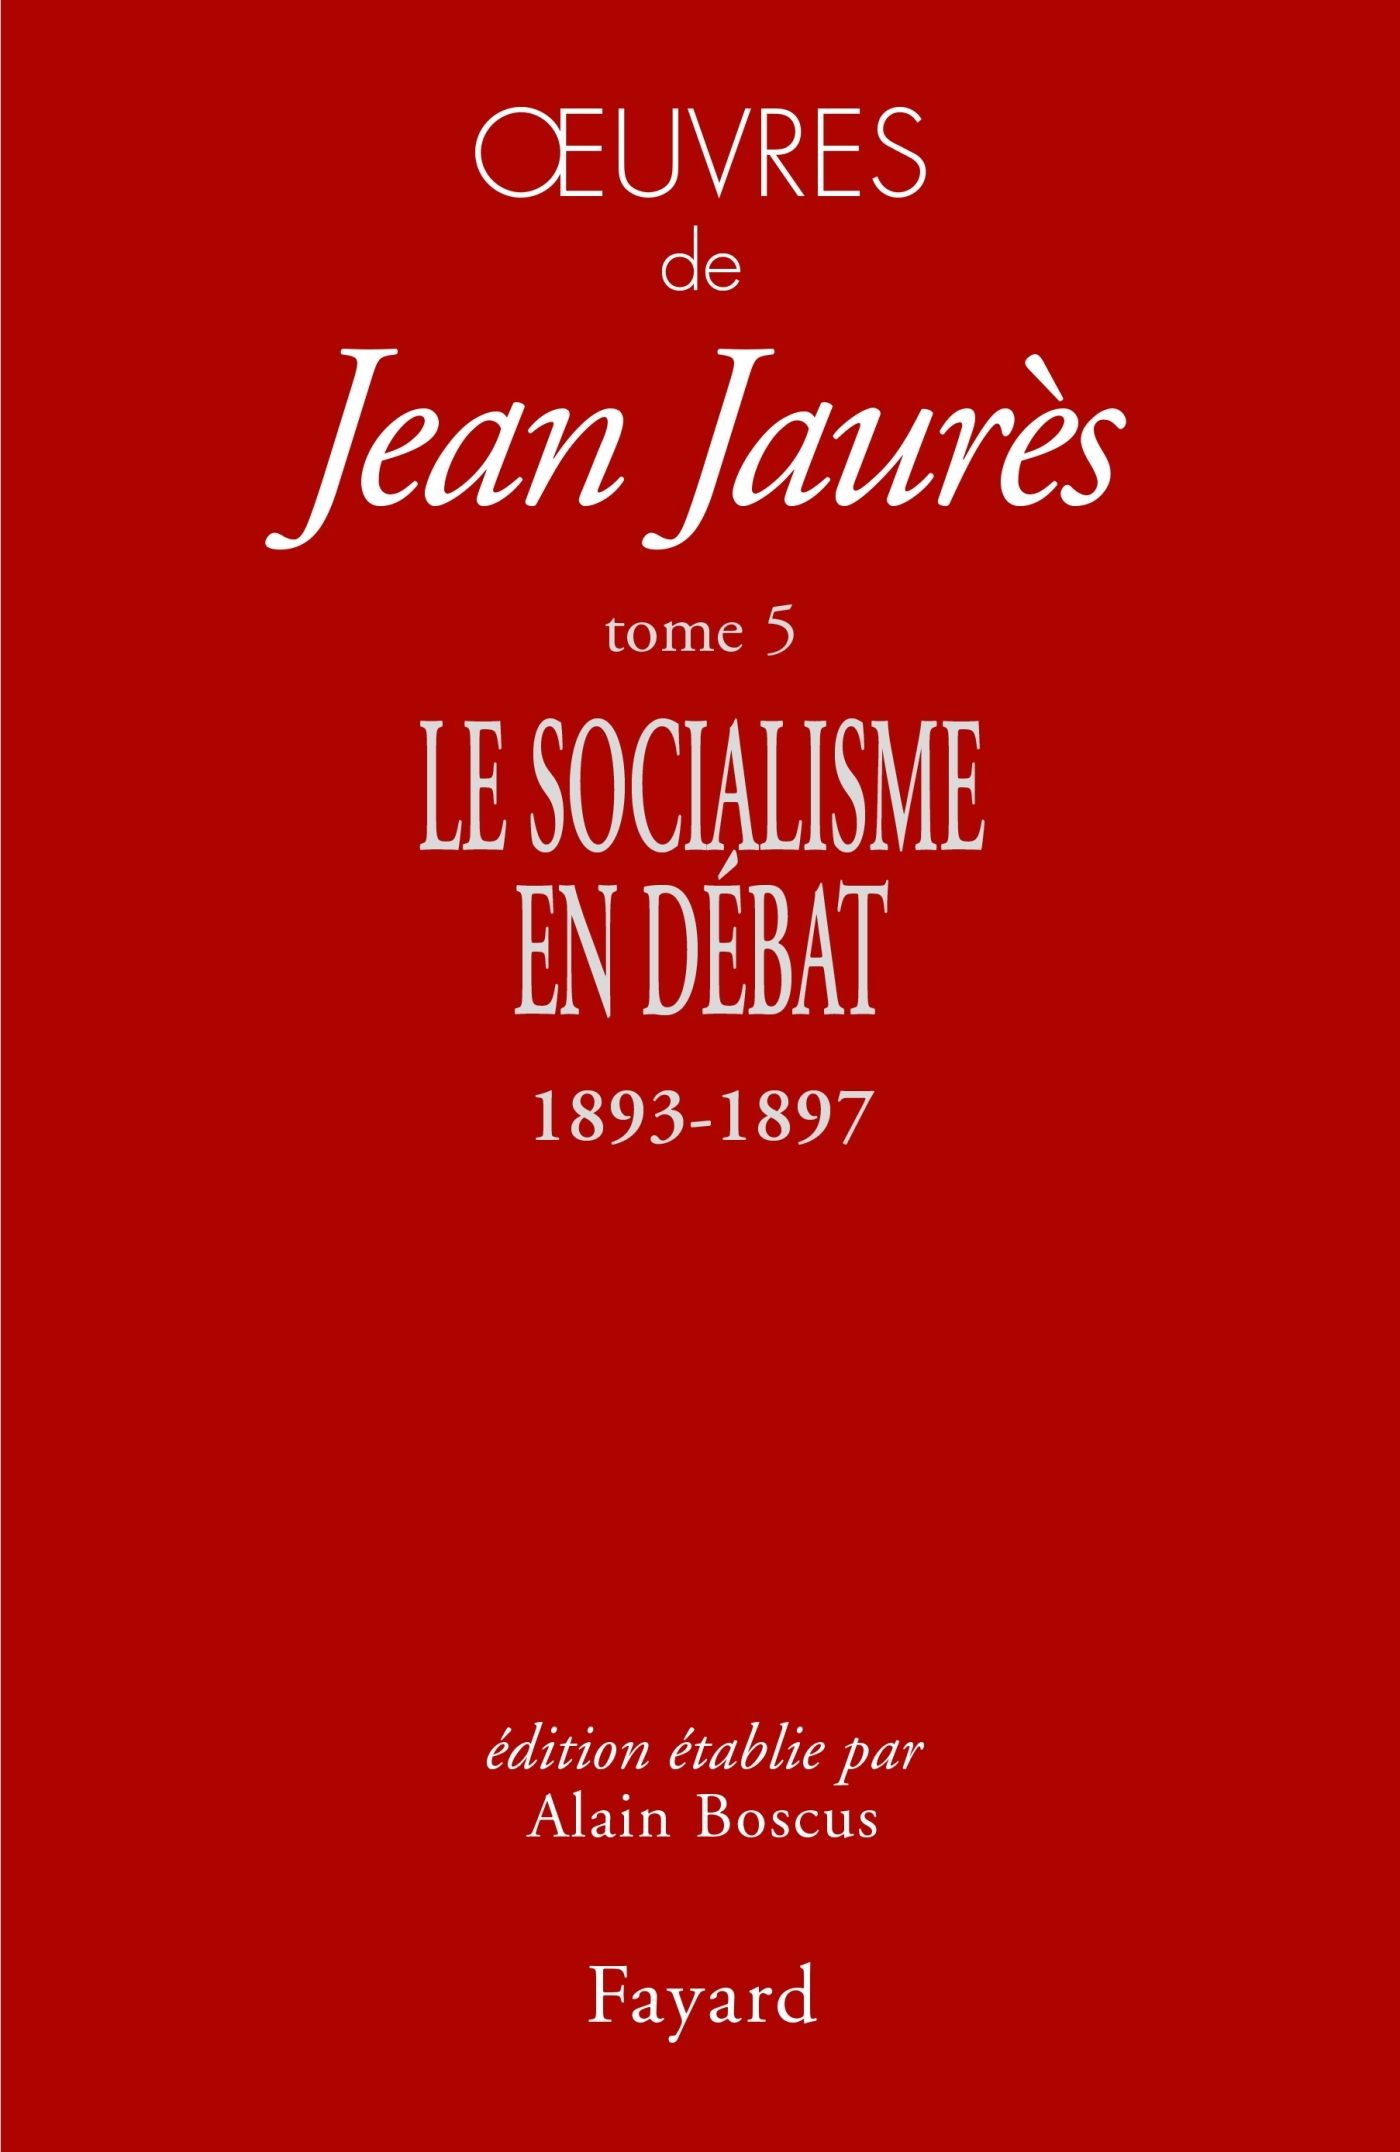 OEUVRES TOME 5 - LE SOCIALISME EN DEBAT (1893-1897)